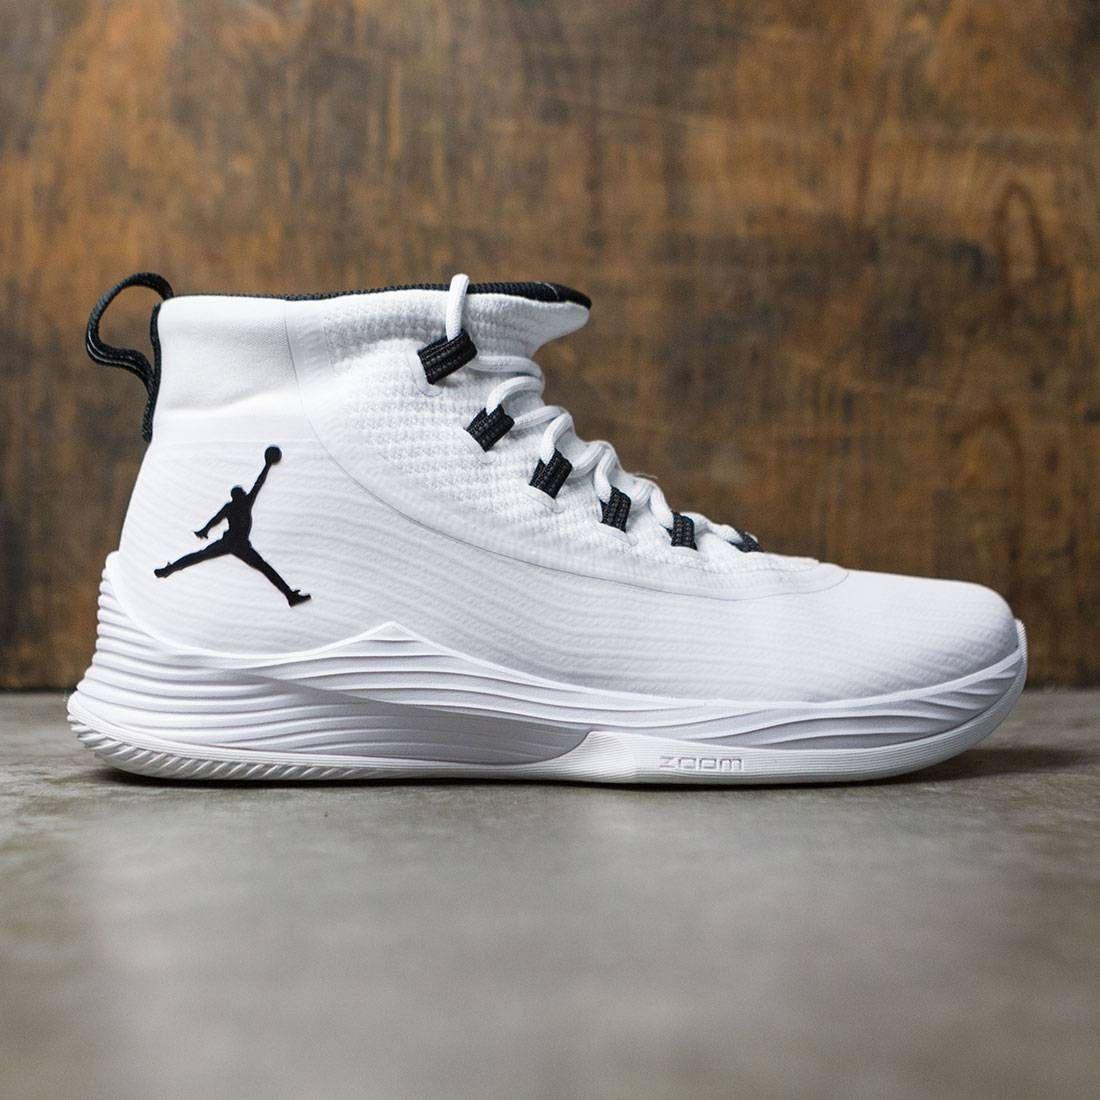 Jordan Men Ultra Fly 2 Basketball White Black White Girls Basketball Shoes Basketball Shoes For Men Womens Basketball Shoes